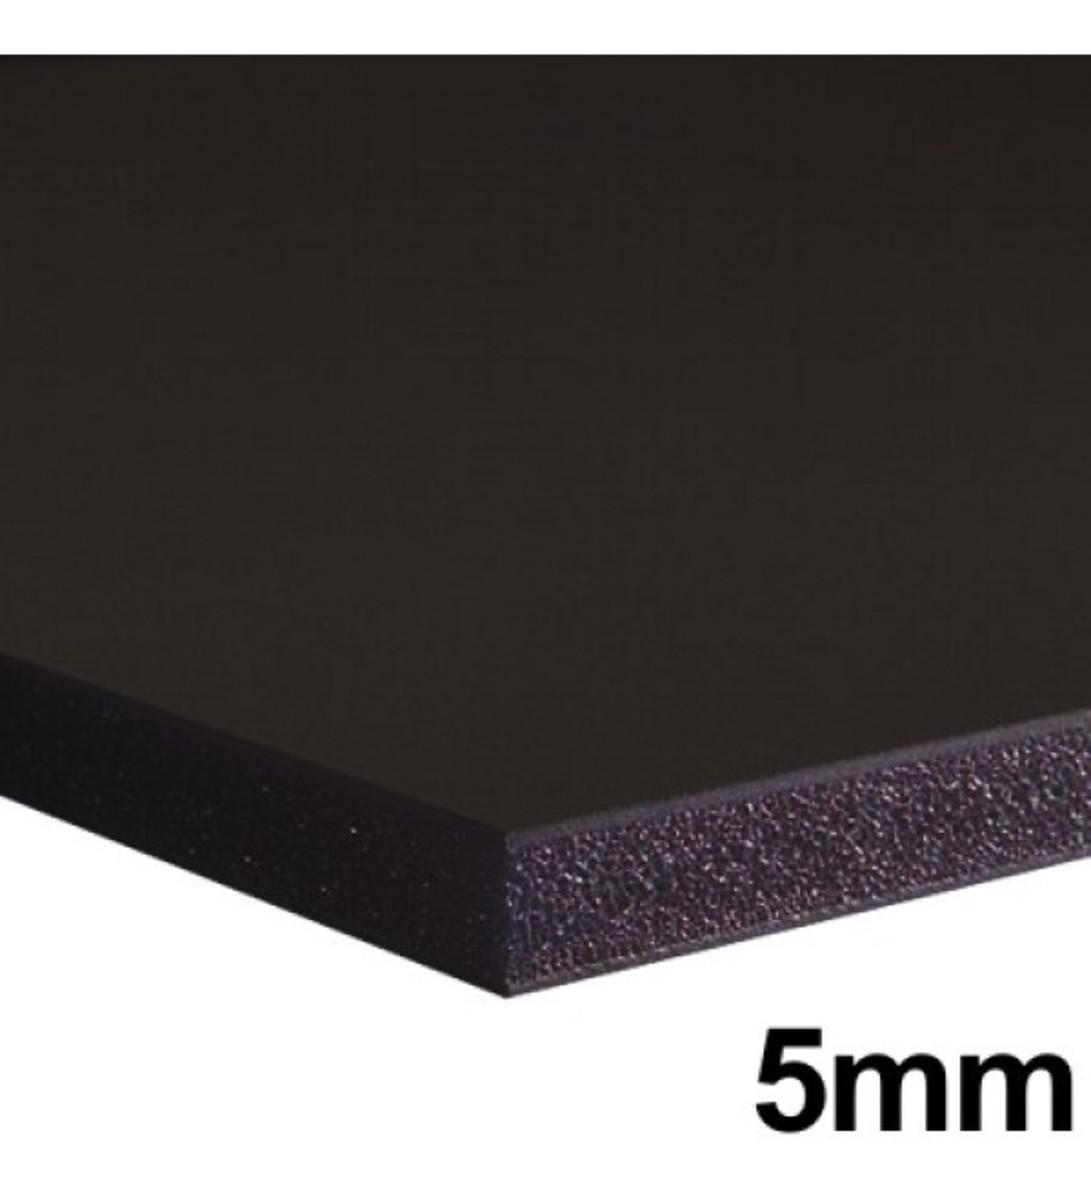 89f8a7ddece 4 Placa De Foam Board 5 Mm 20x30 Cm Papel Espuma no Elo7